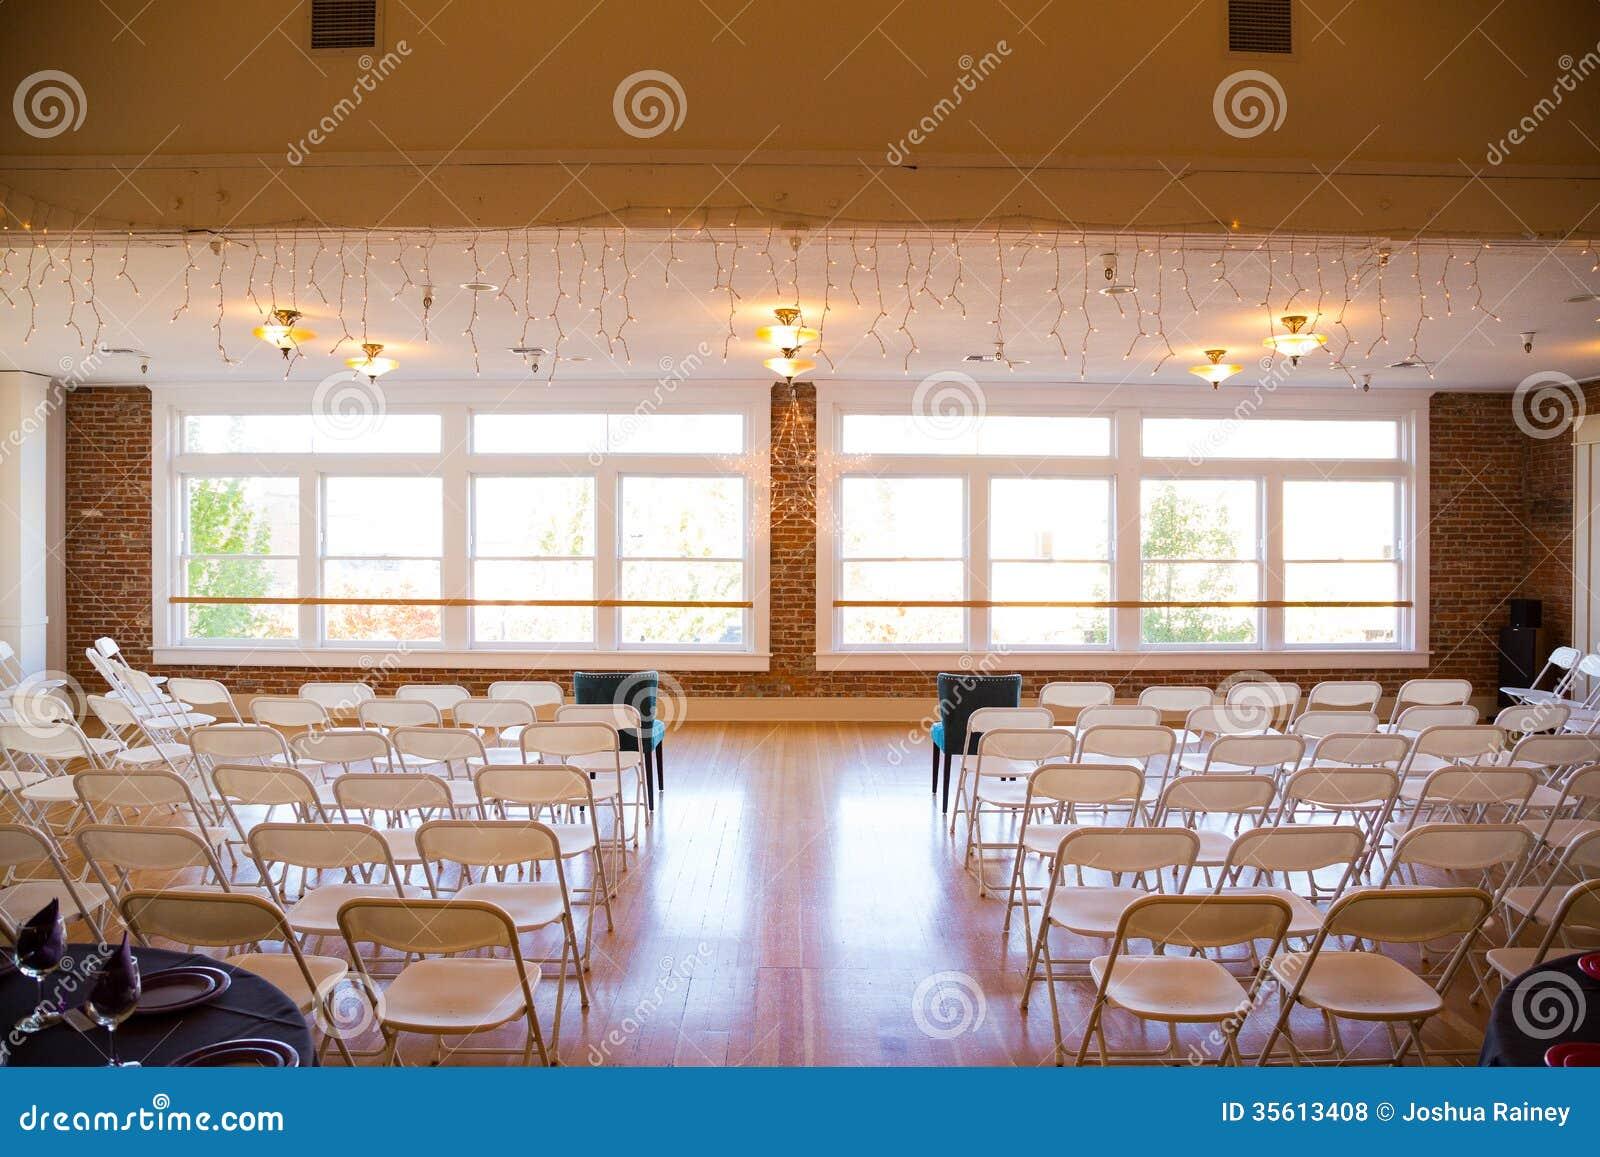 Indoor Wedding Venue Royalty Free Stock Photos